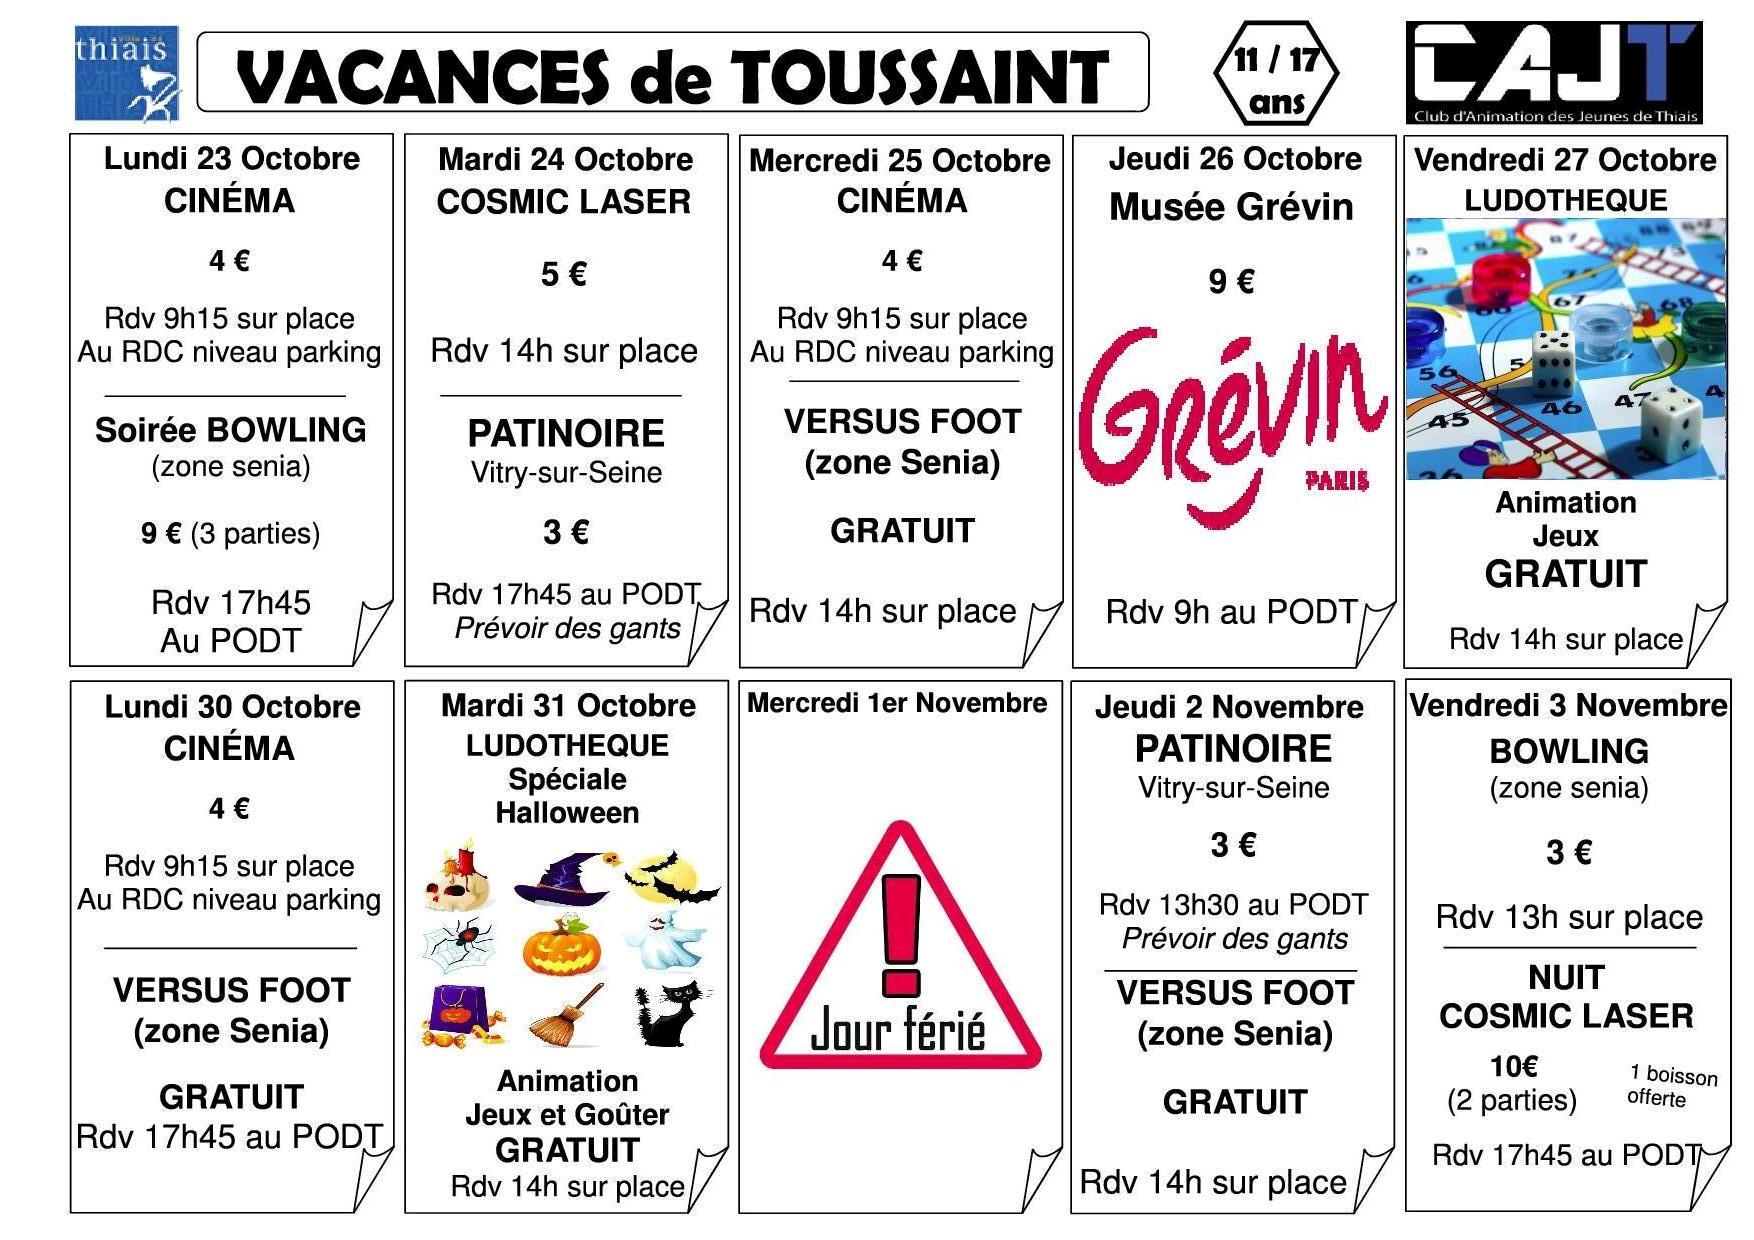 Planning vacances de toussaint 2017 club d 39 animation des - Les vacances de la toussaint 2020 ...